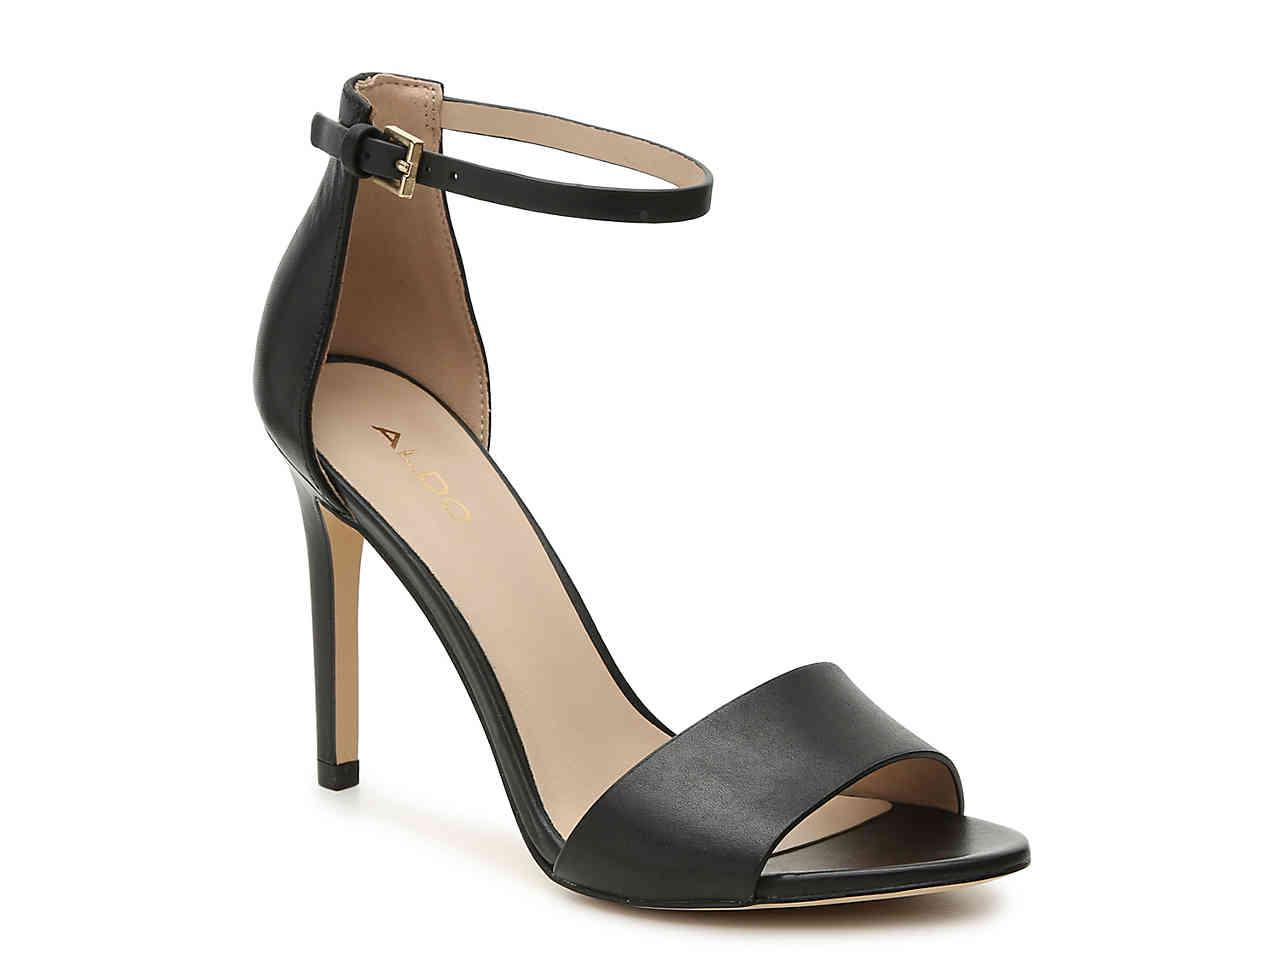 d5335756fb6 Lyst - ALDO Melawet Sandal in Black